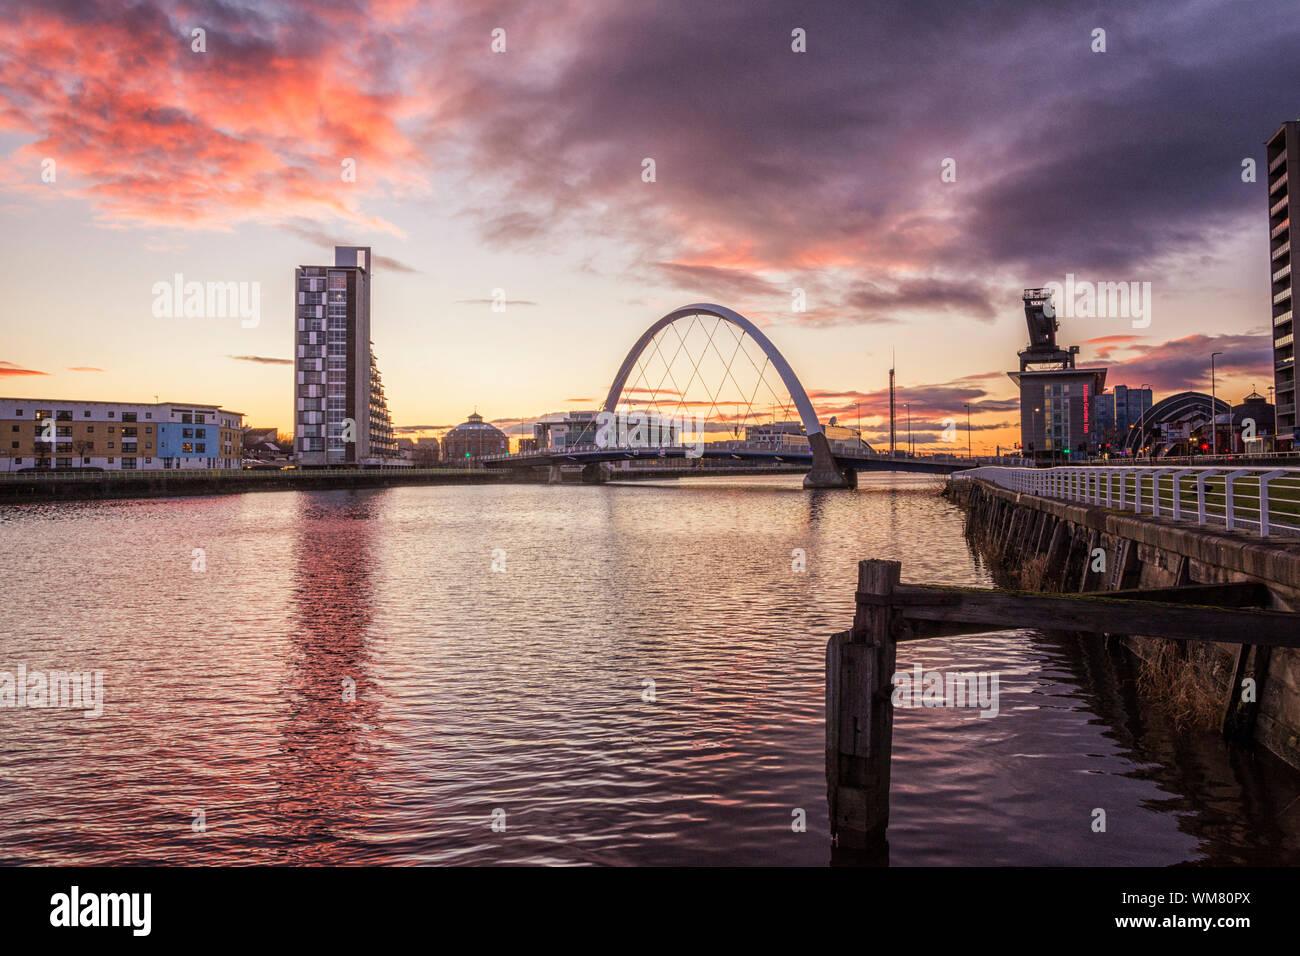 Pont sur la rivière Clyde contre ciel nuageux en ville pendant le coucher du soleil Banque D'Images